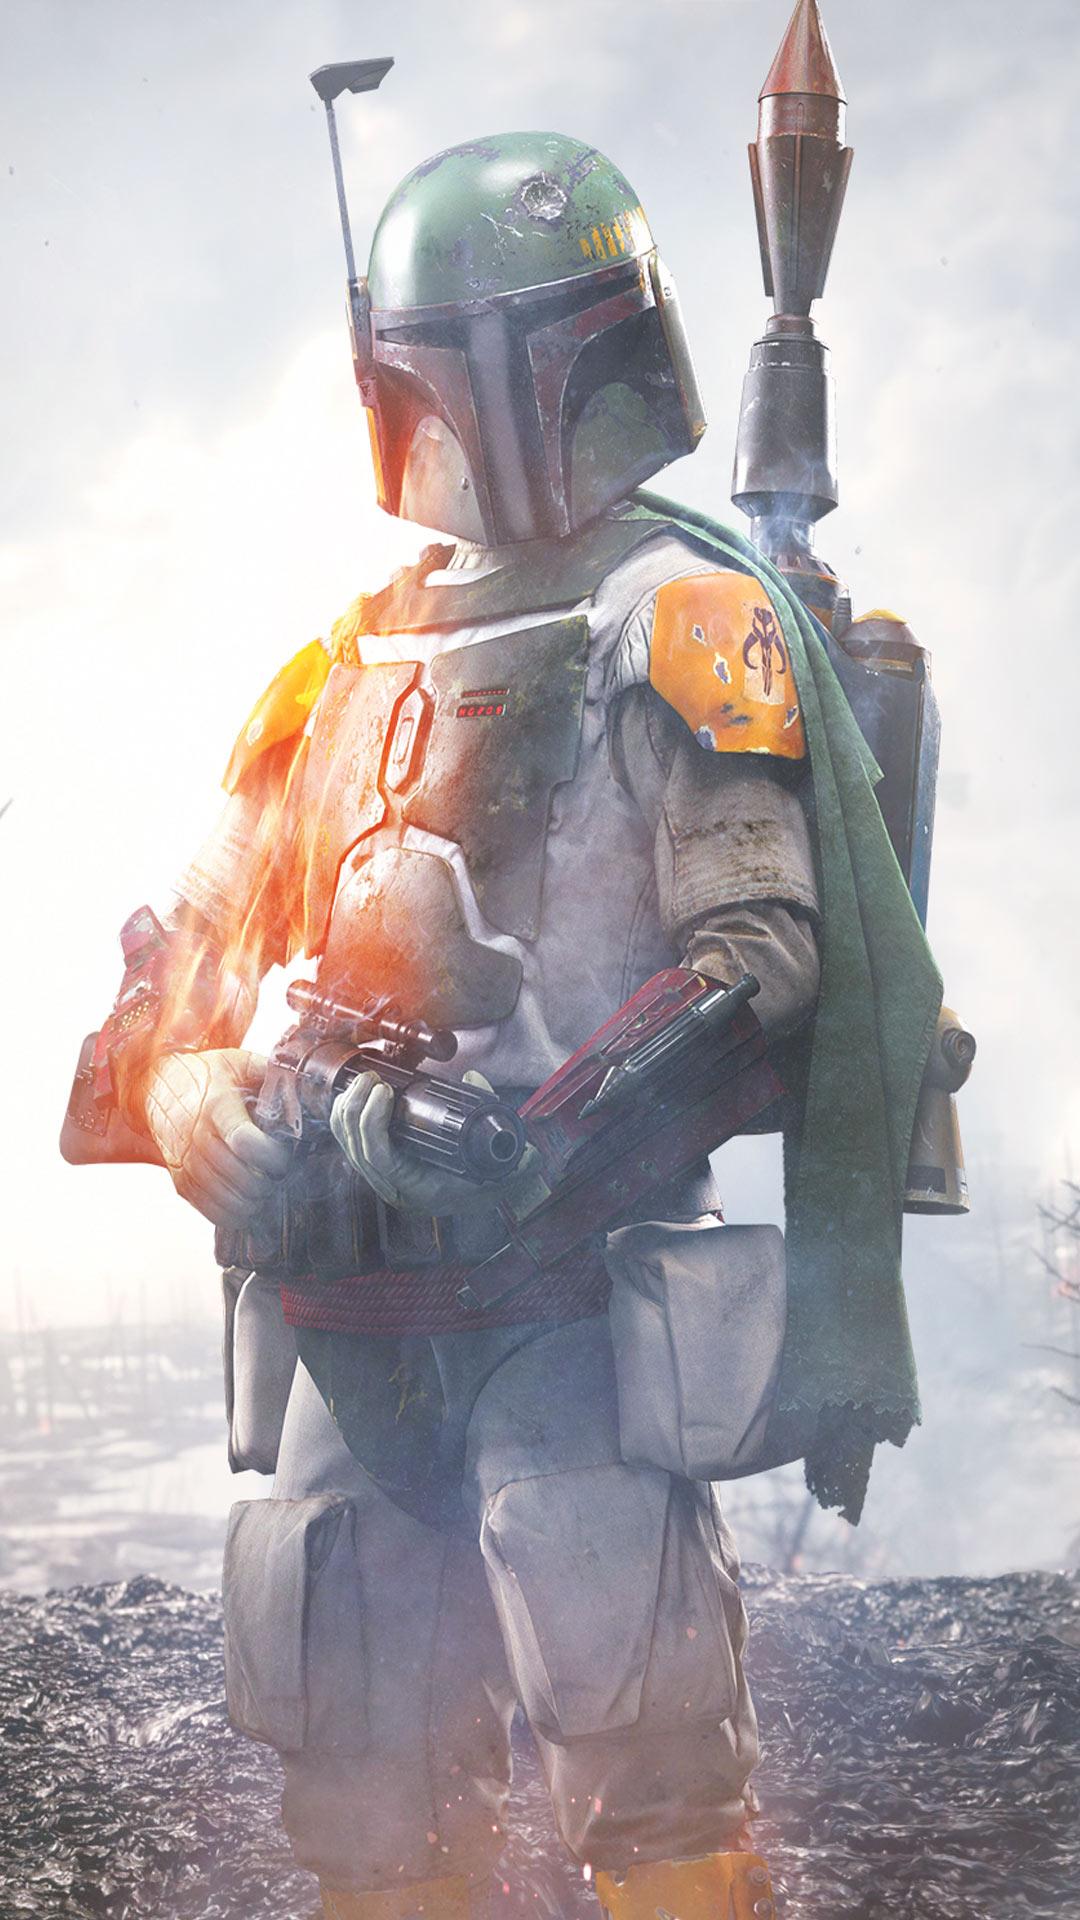 Star Wars Boba Fett Wallpaper Posted By Zoey Walker